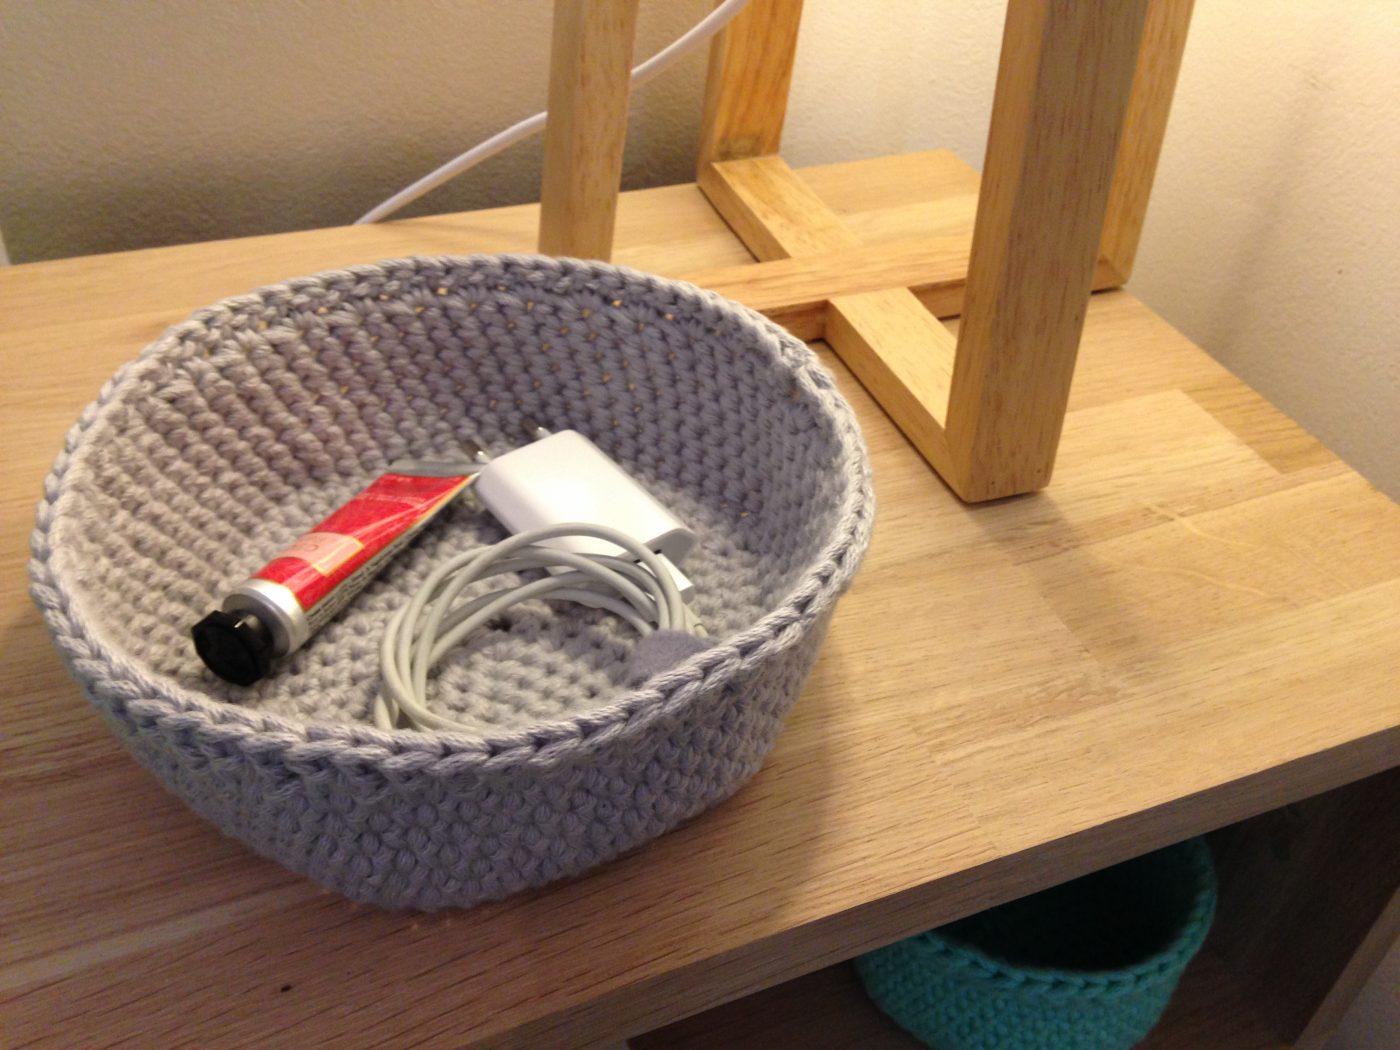 Réalisation d'une corbeille ronde au crochet